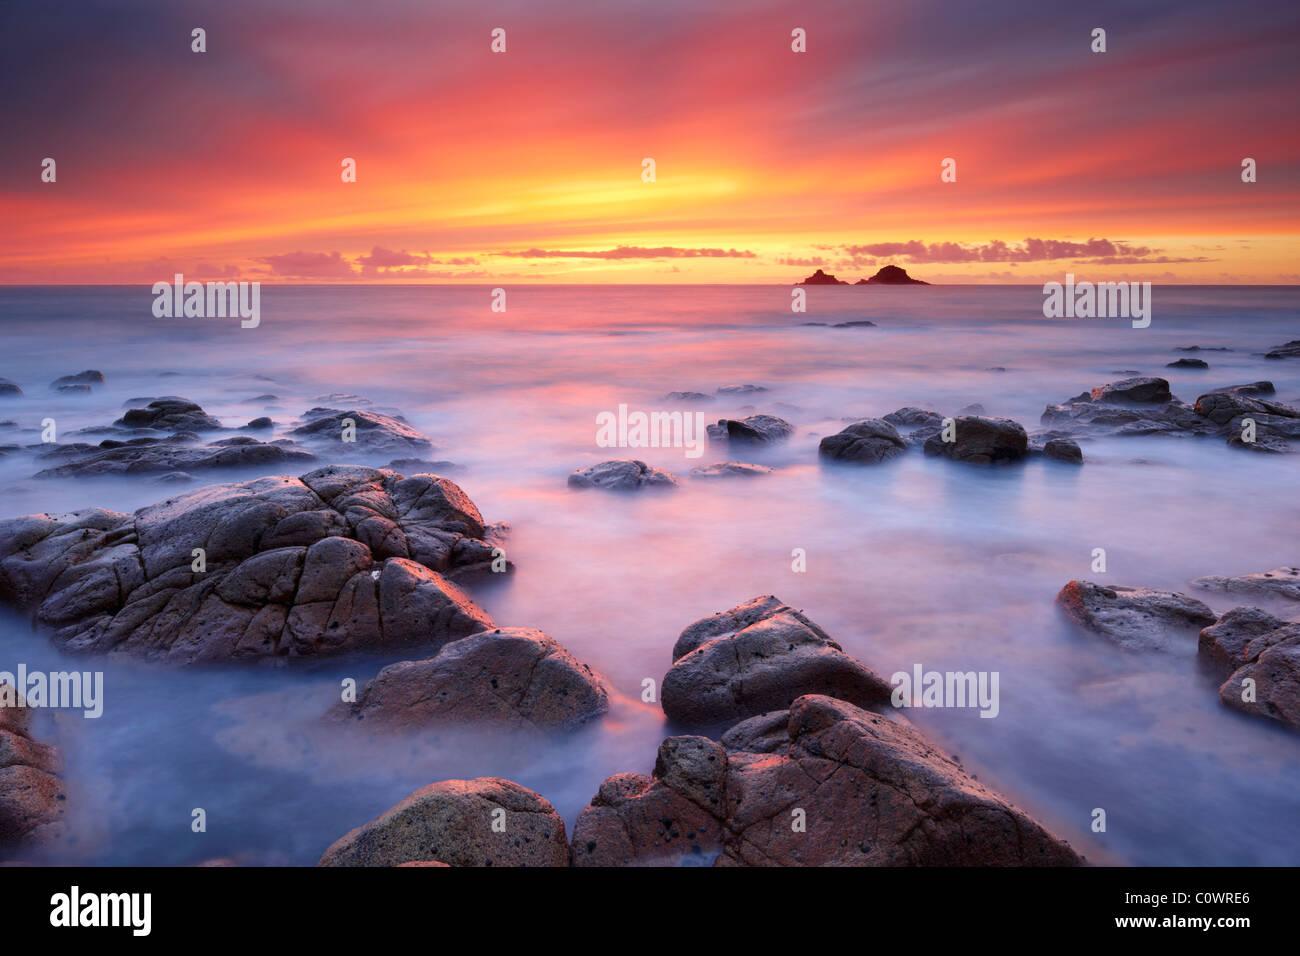 Ein unglaublichen Sonnenuntergang malt den Himmel mit herrlichen Farben als die seidig glatte Meer runden rund um Stockbild